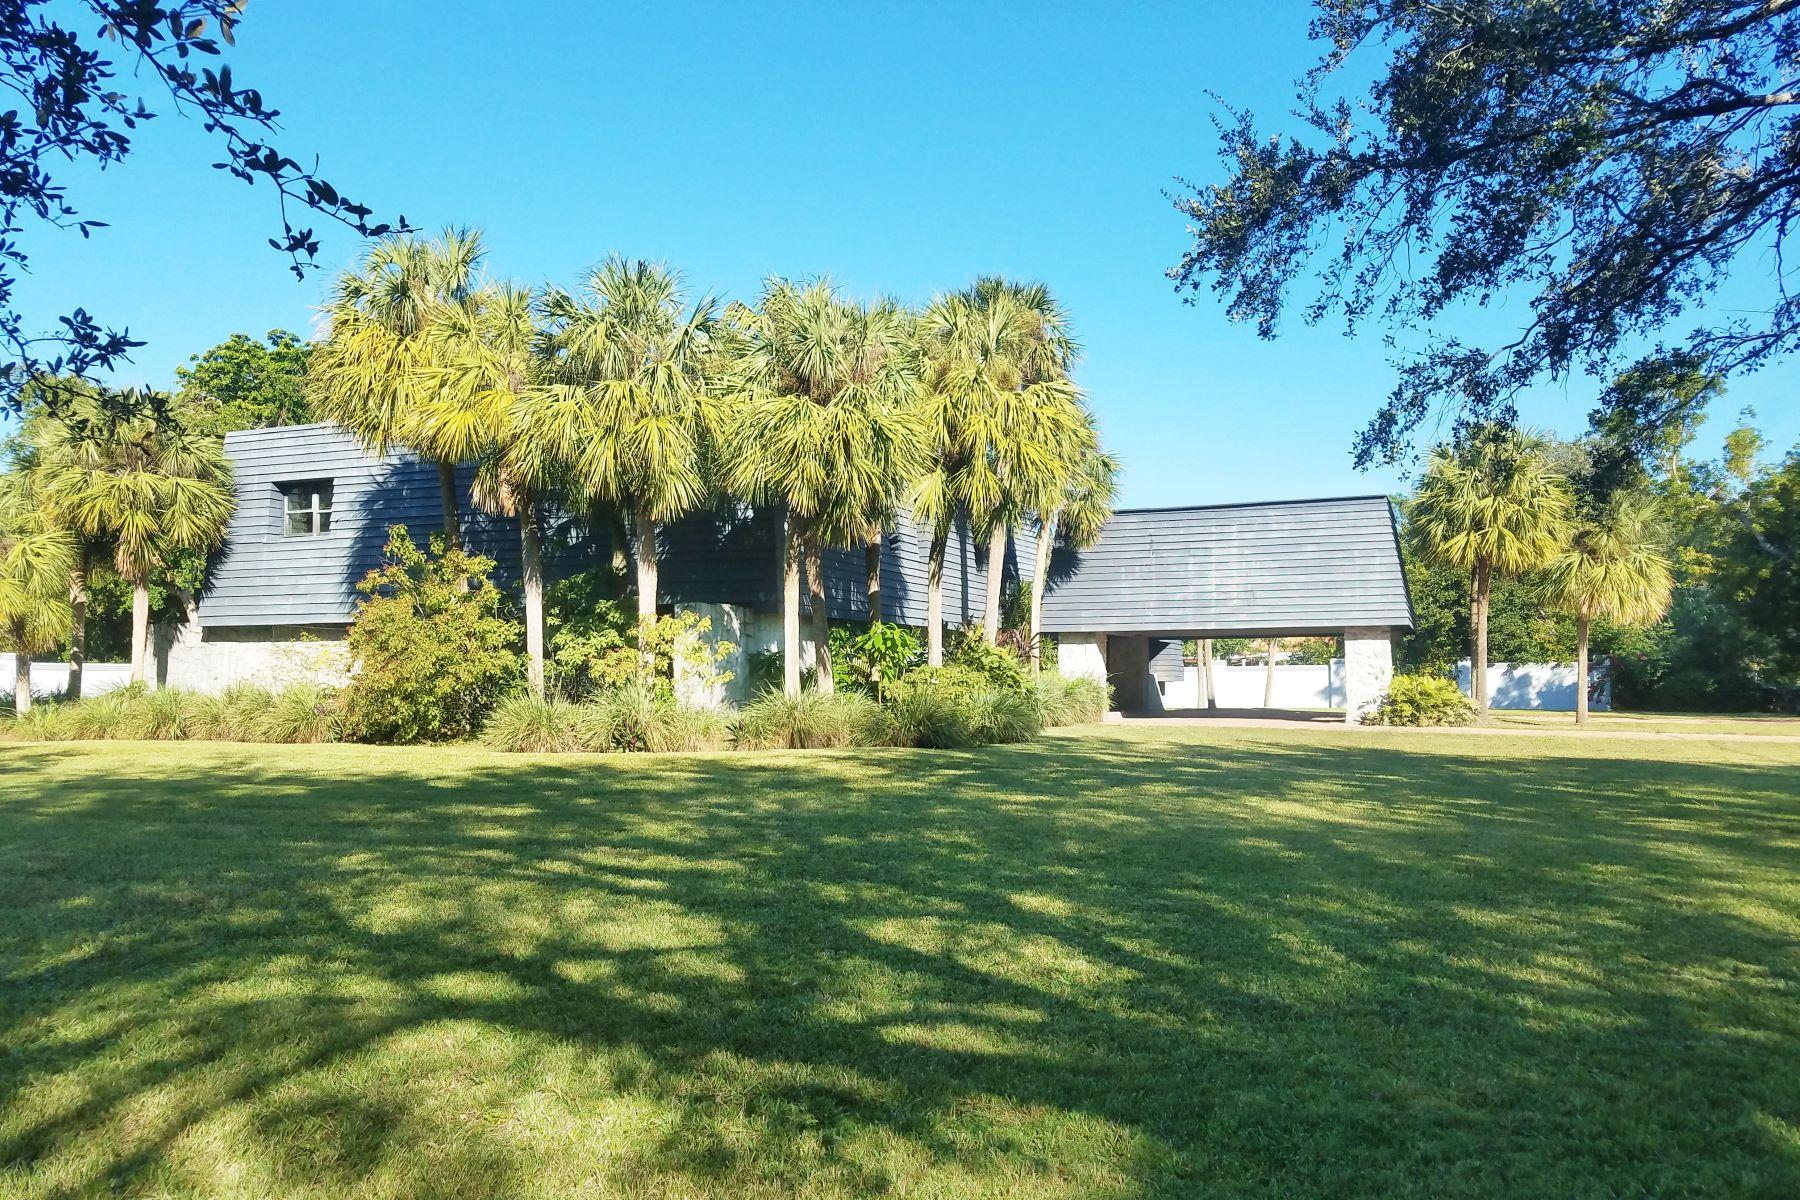 Casa Unifamiliar por un Venta en 9506 Sw 57th Ave Pinecrest, Florida, 33156 Estados Unidos